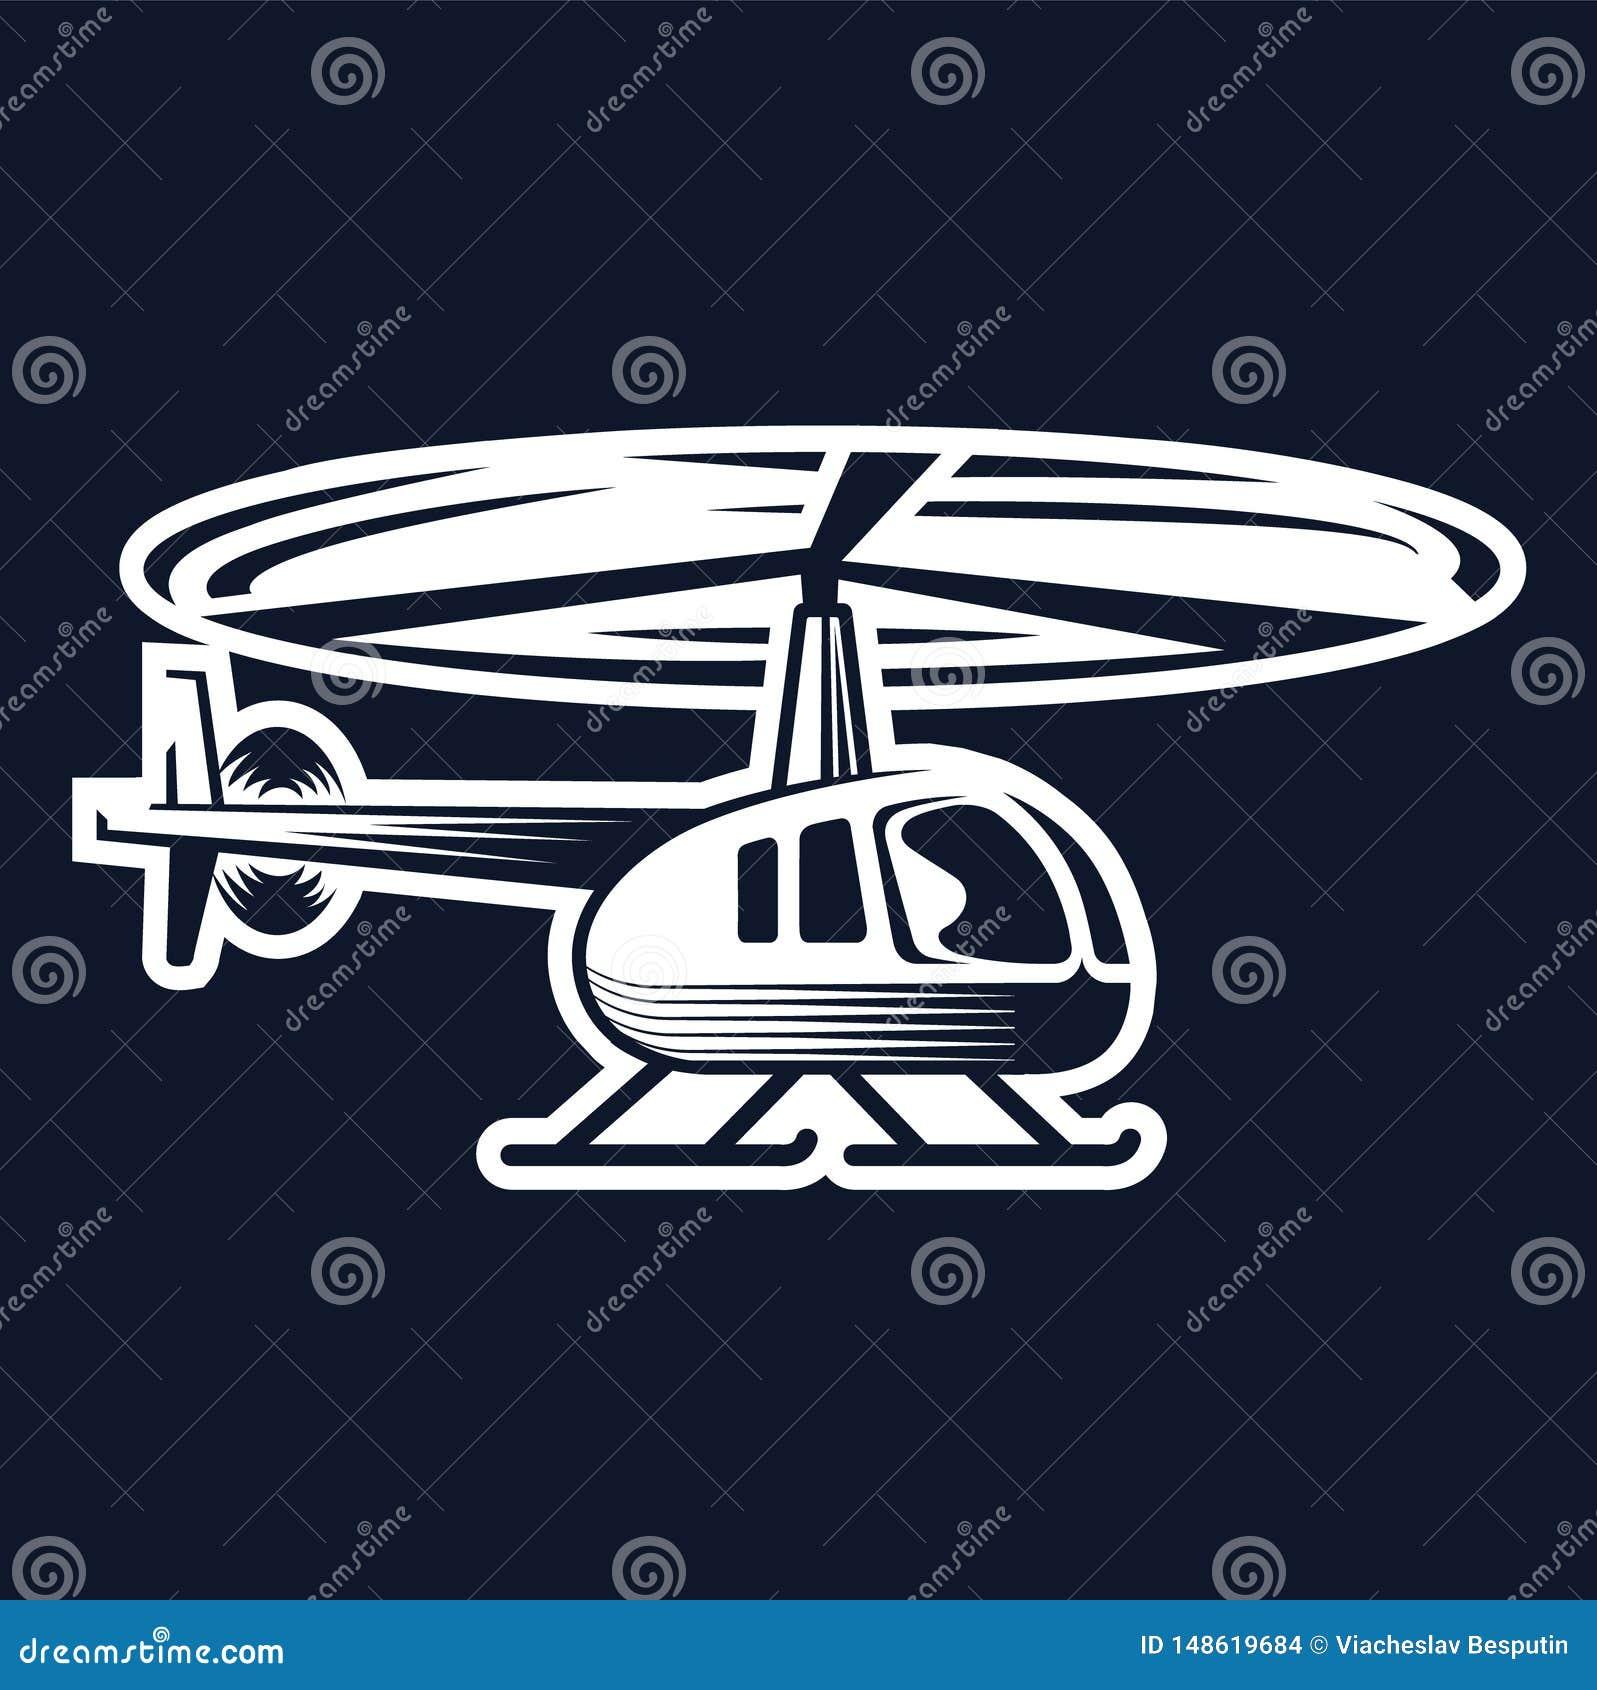 直升机民用商标,象征设计